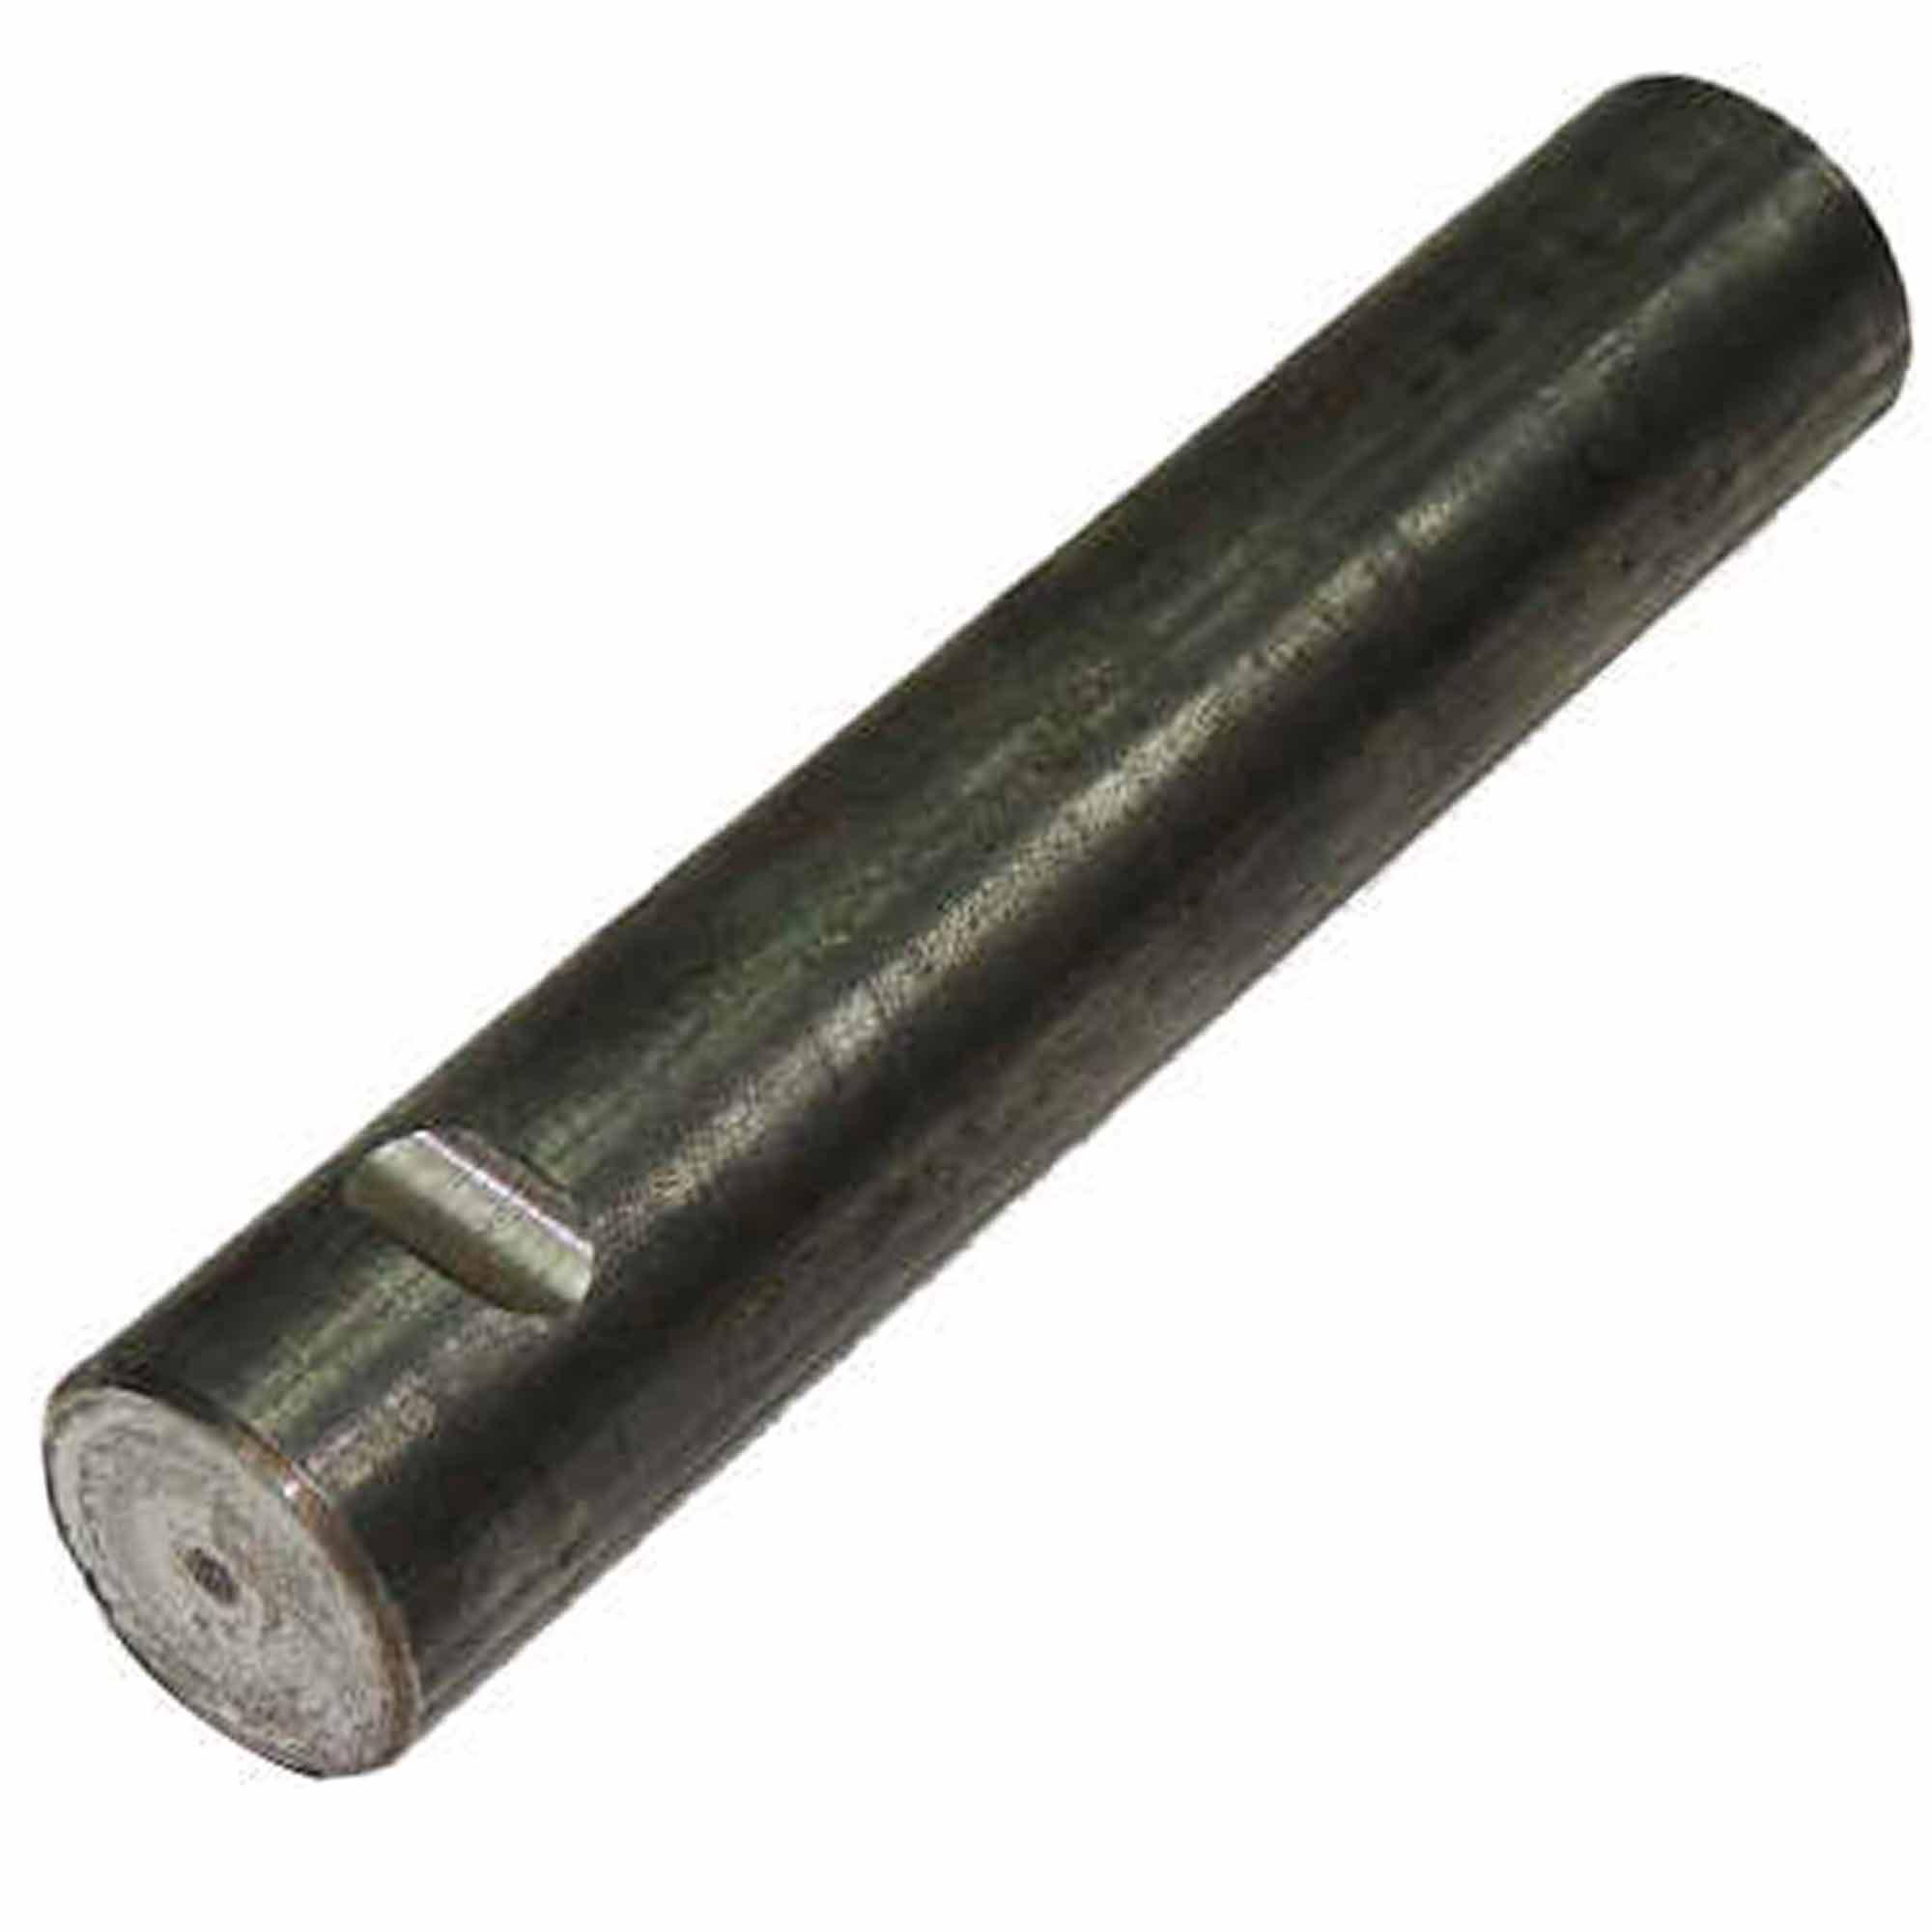 SUK091 - Eixo de acionamento do garfo de embreagem